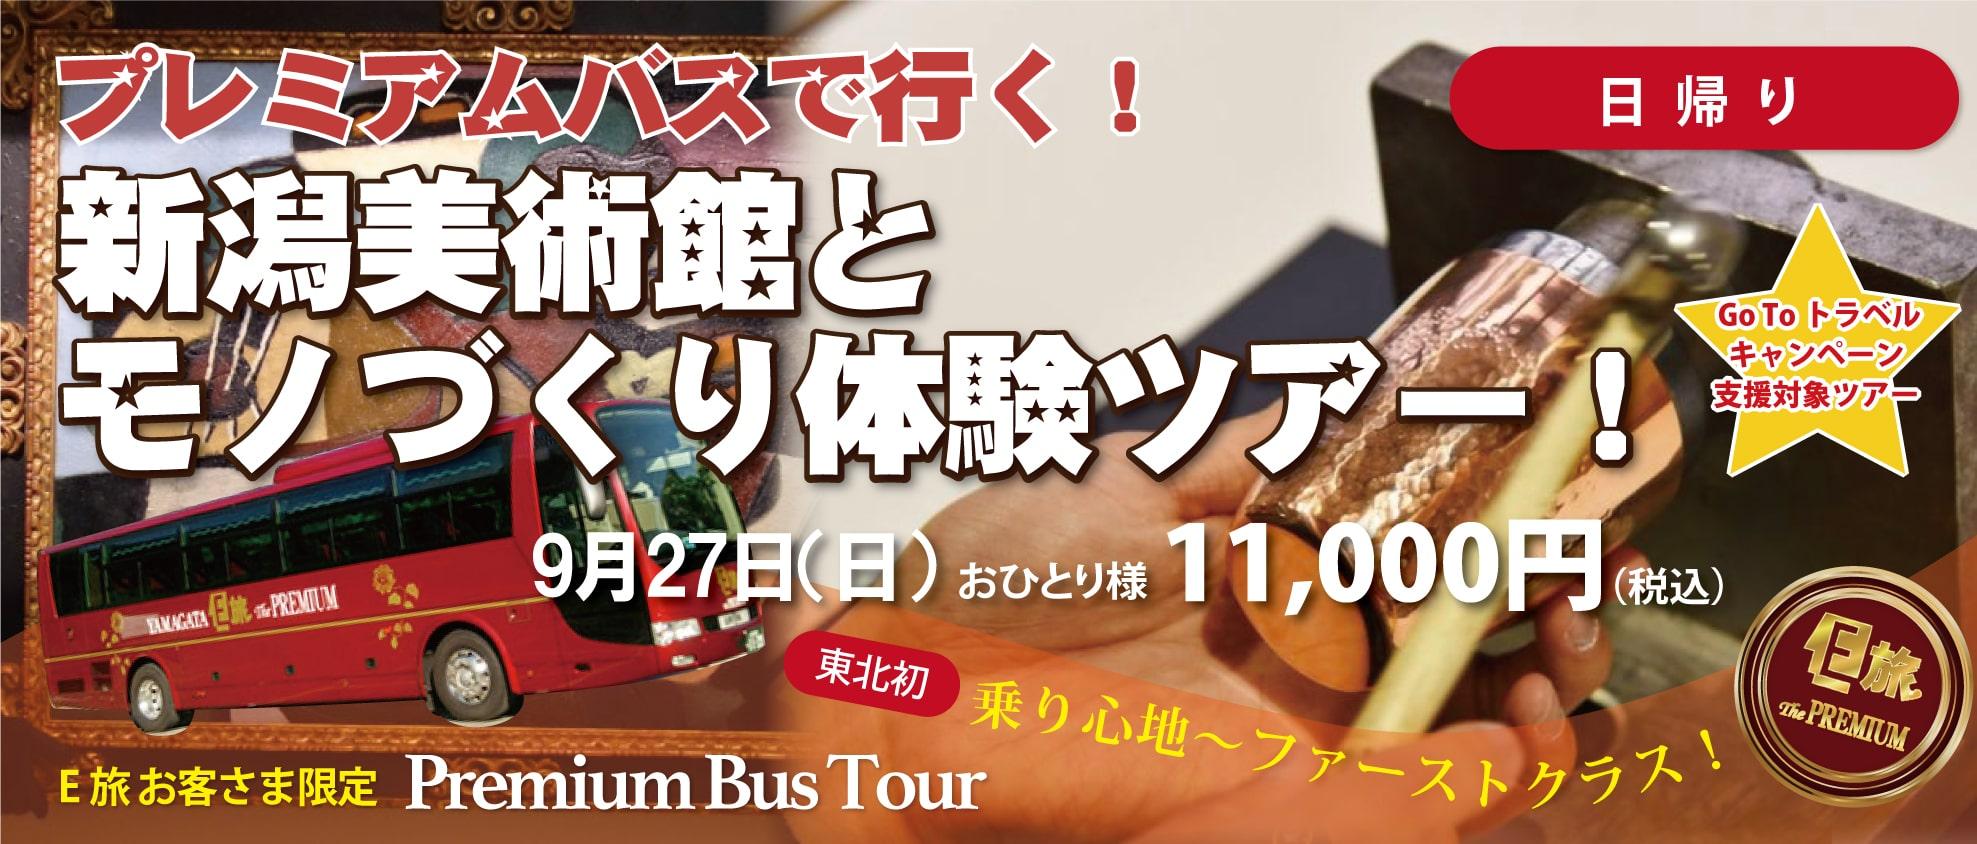 プレミアムバスで行く!新潟美術館とモノづくり体験ツアー!